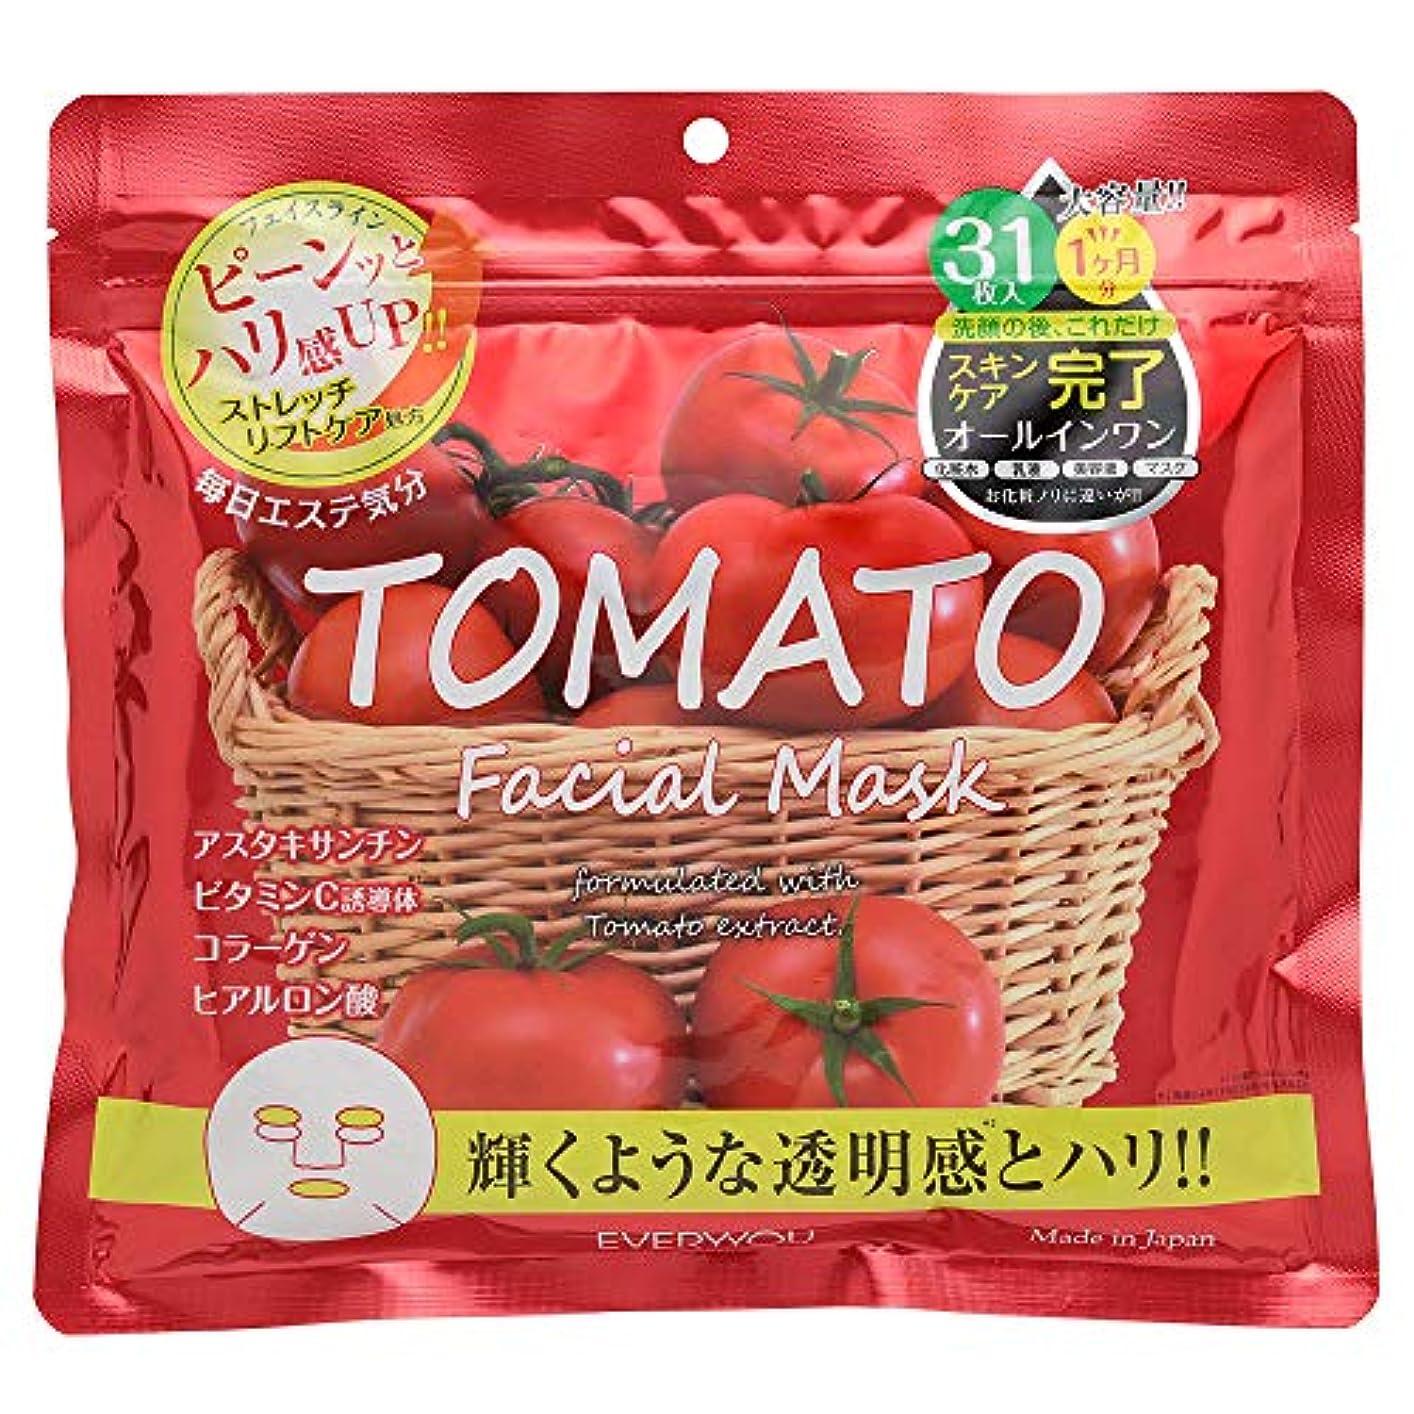 メガロポリス文化ハチトマト フェイシャルマスク 31枚入 日本製 EVERYYOU